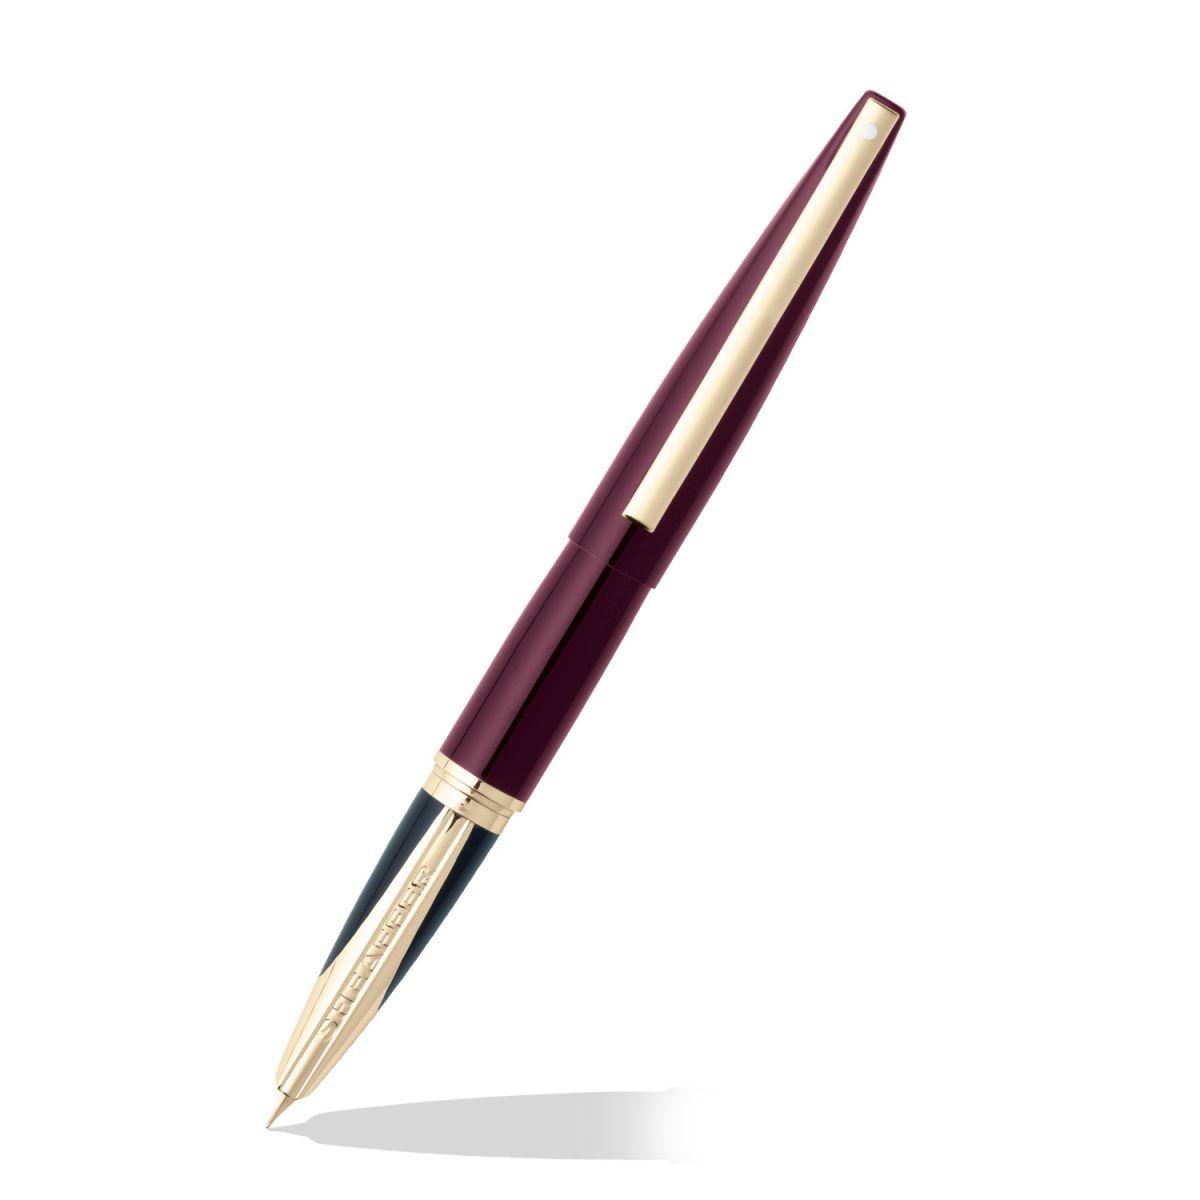 Quà tặng bút viết